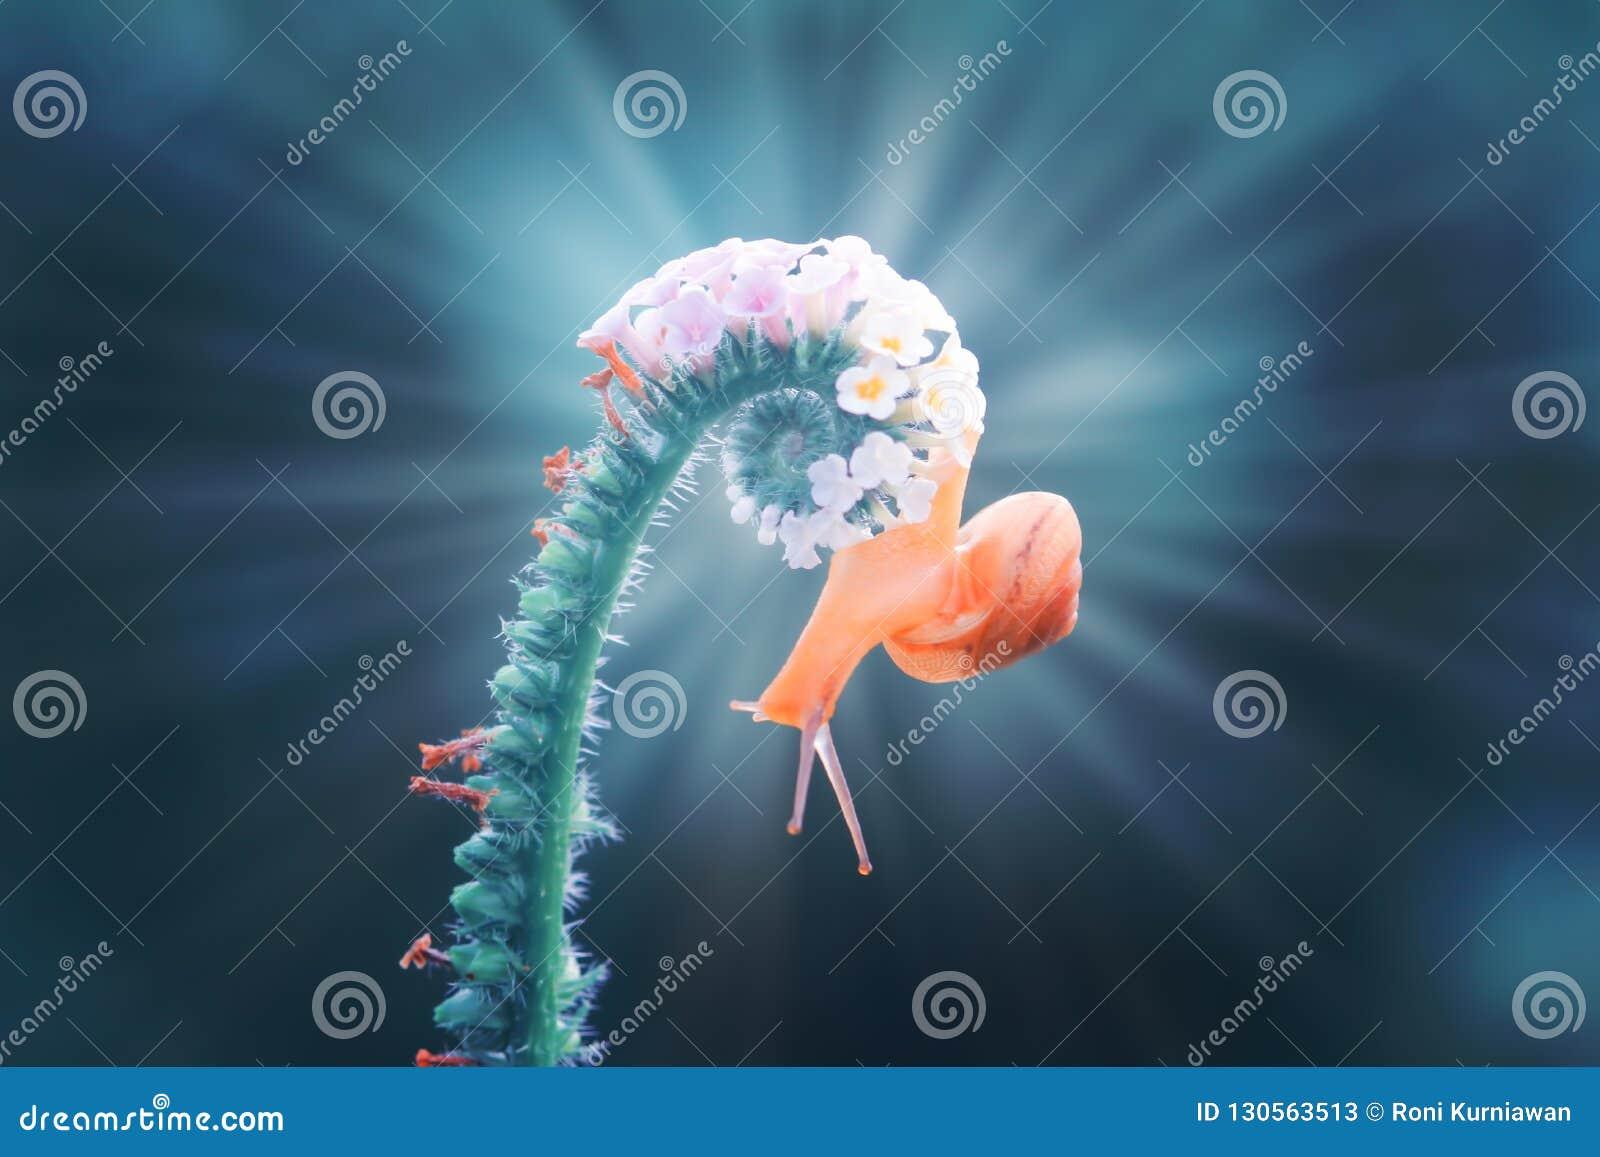 Caracoles, caracoles en flores con un fondo azul